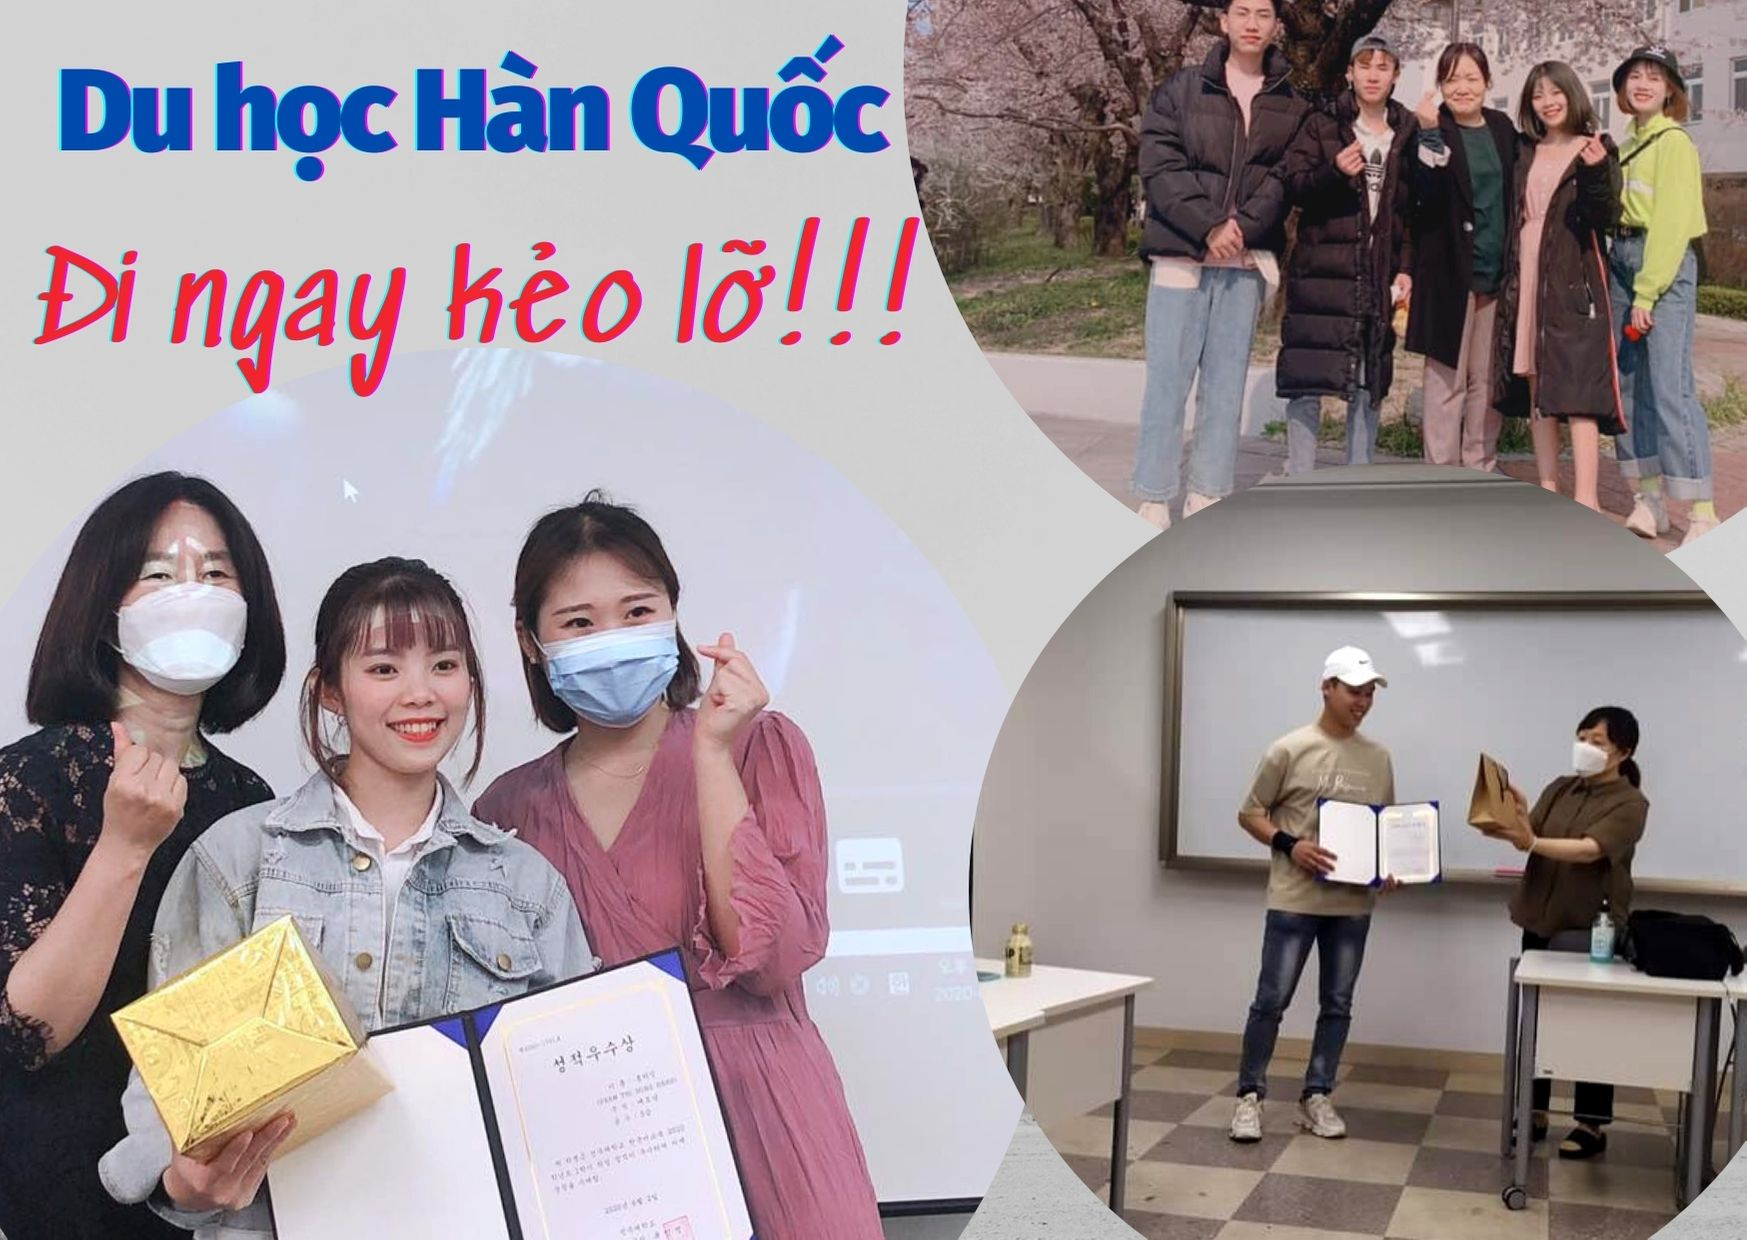 Hướng Dẫn Xin Visa Mã Code - Du Học Hàn Quốc Năm 2021